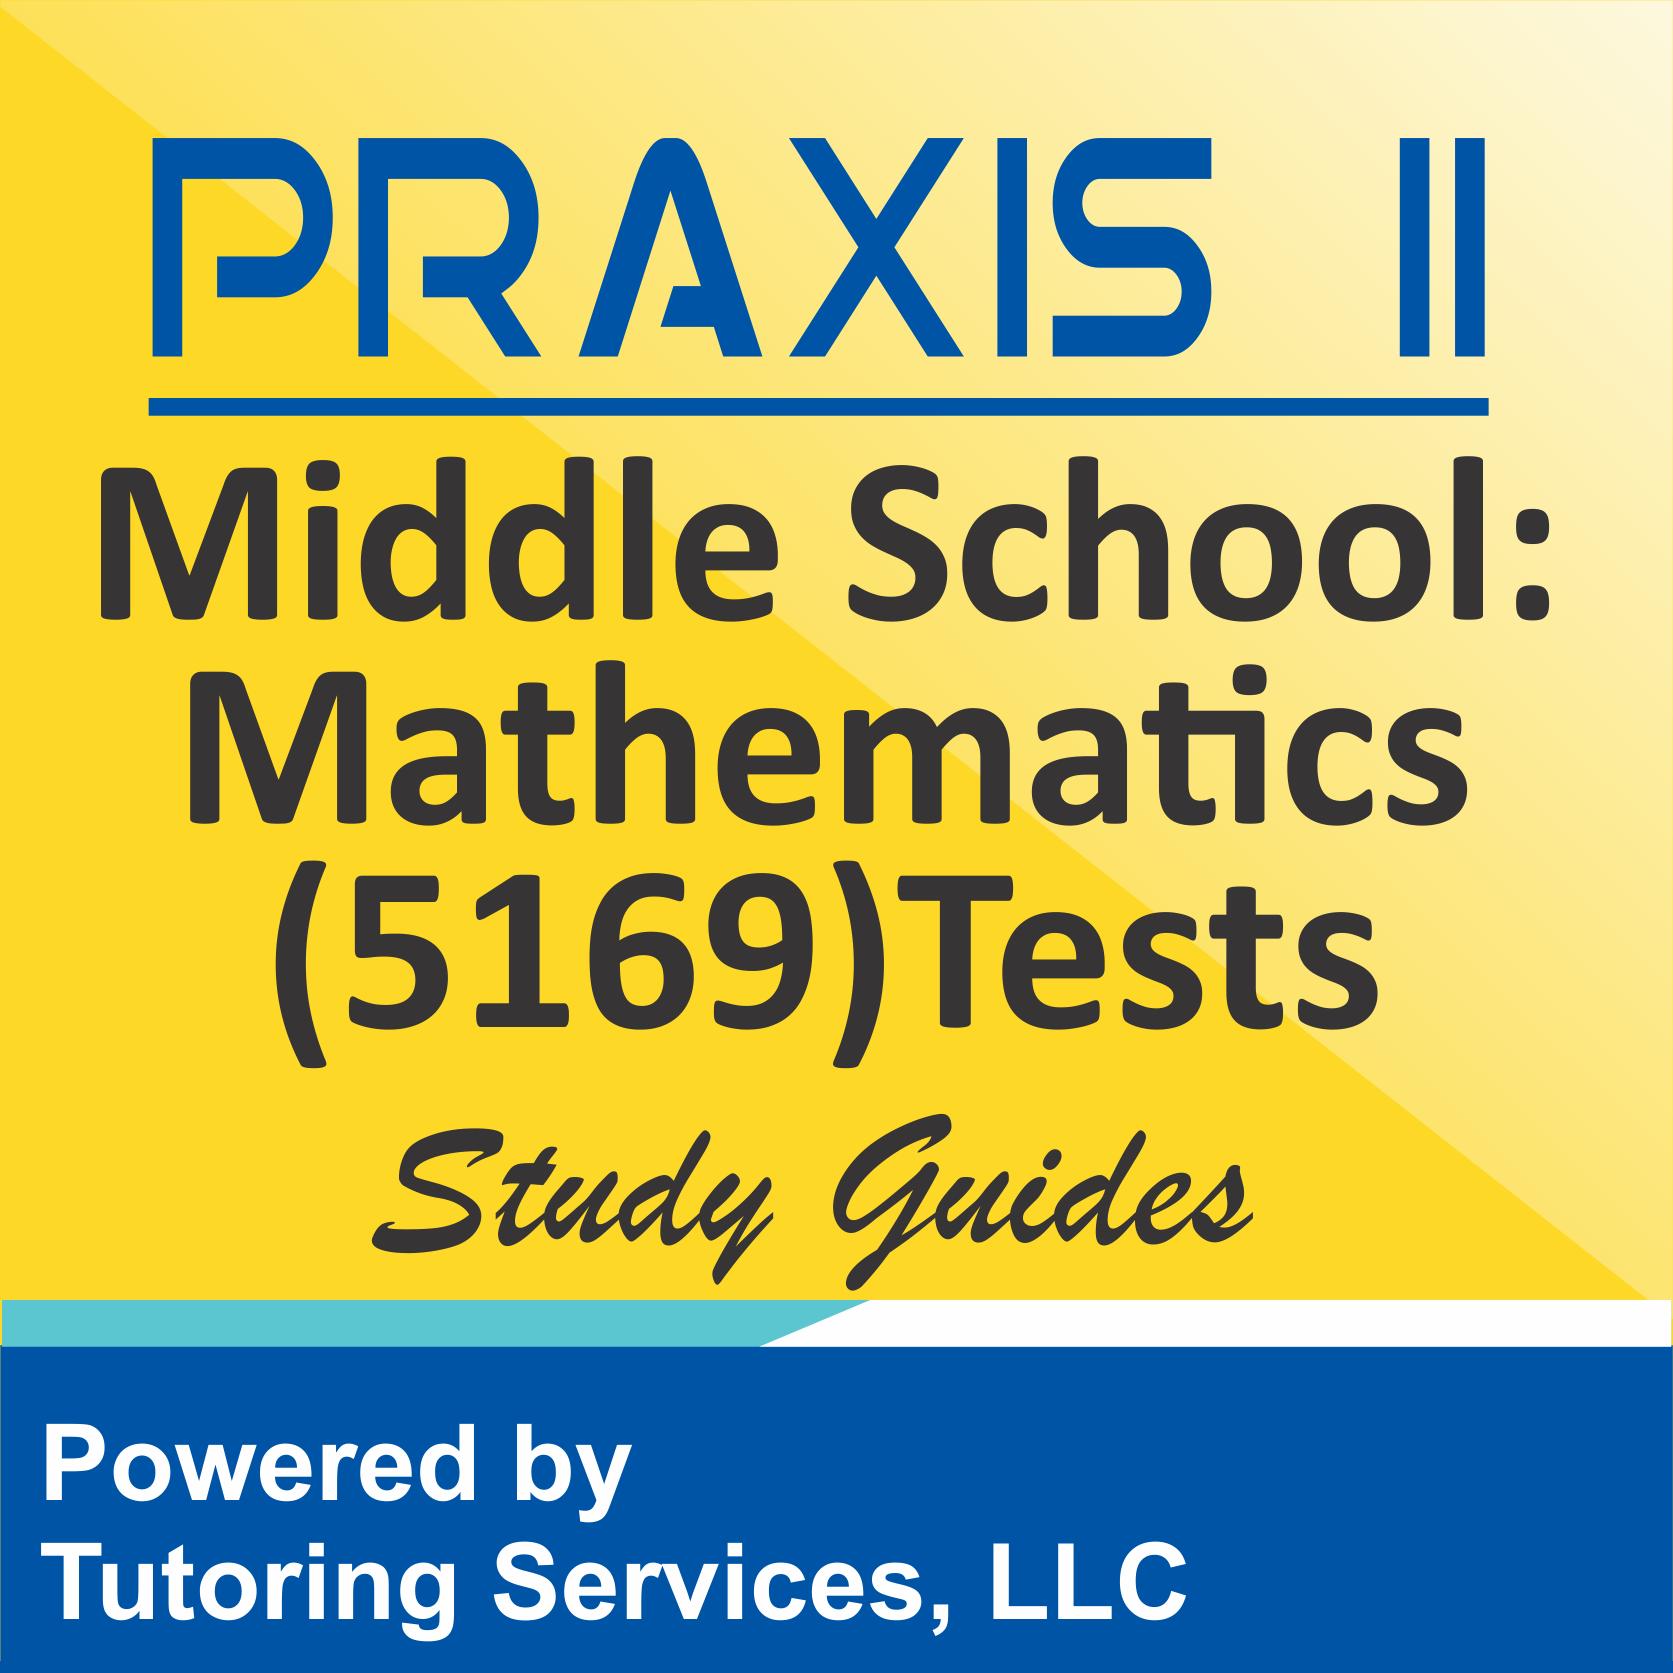 Online Courses, College Classes, & Test Prep ... - Study.com